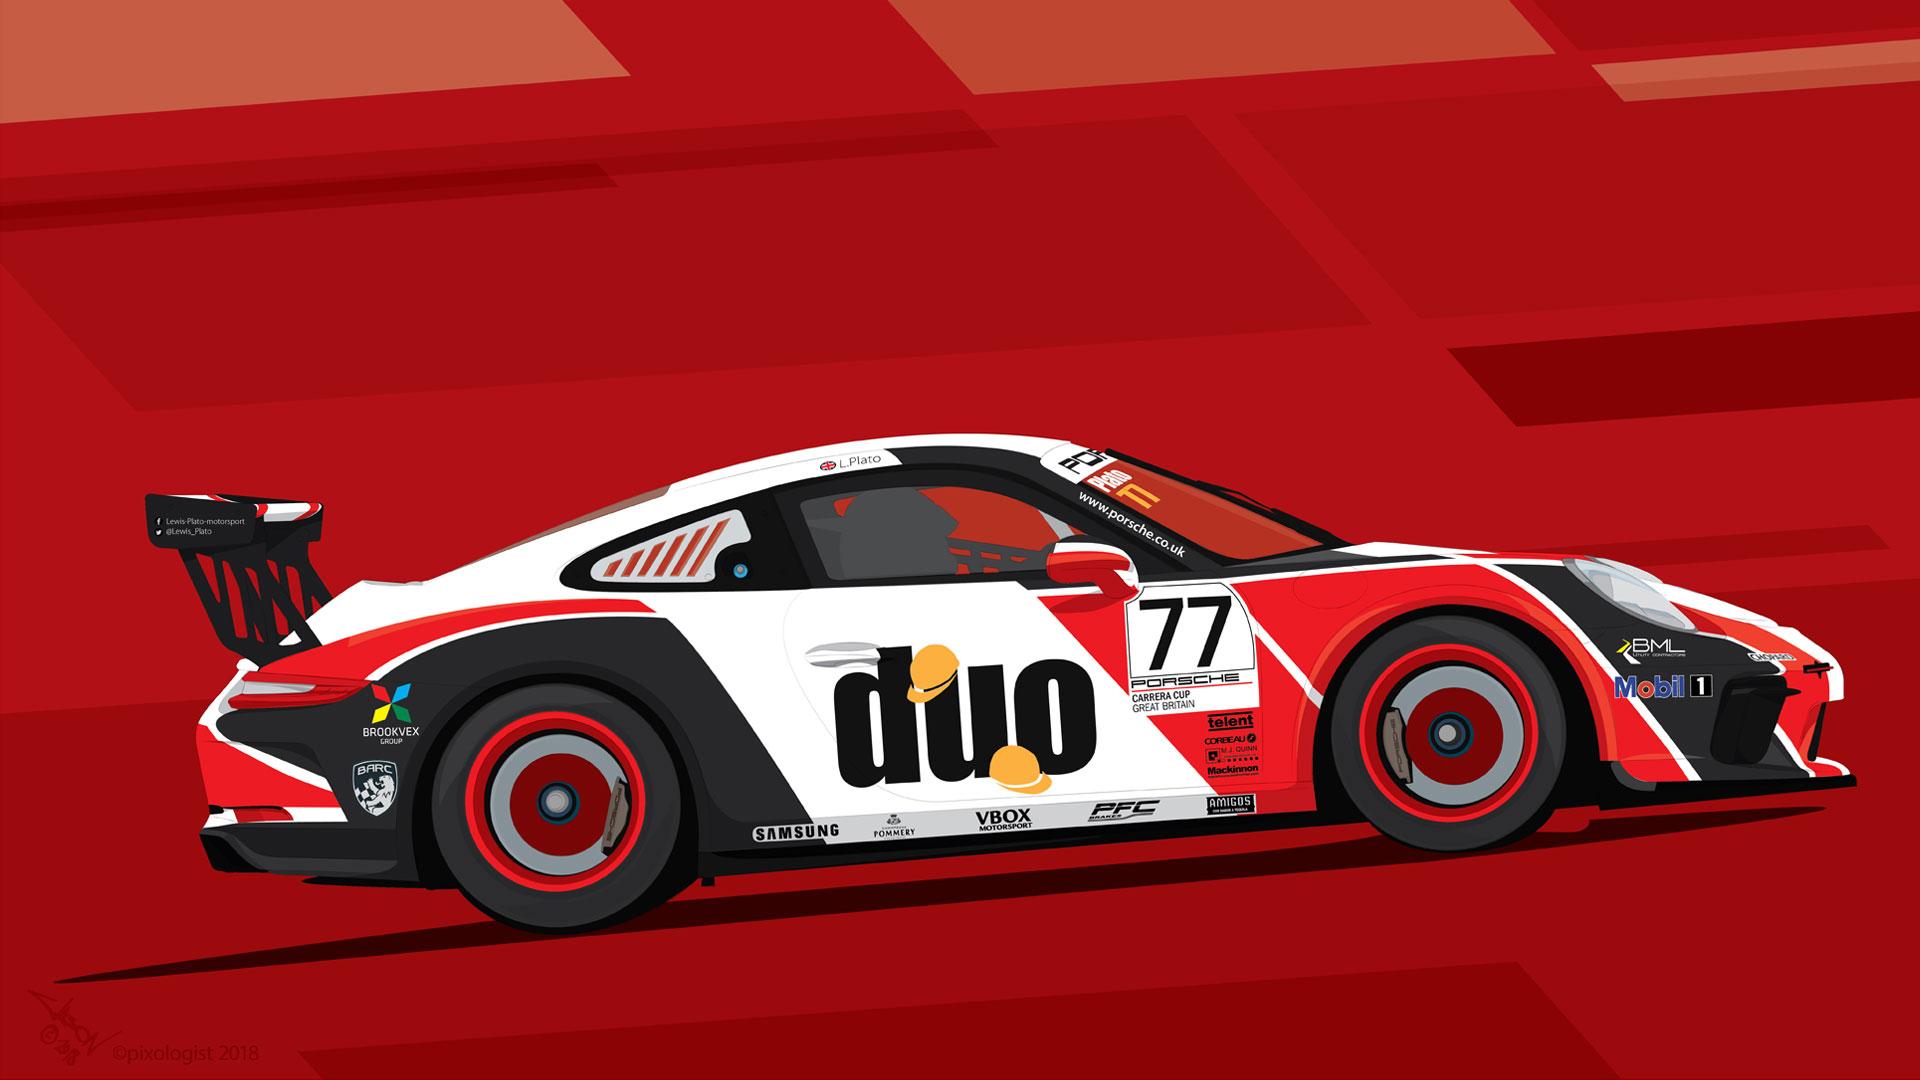 Porsche GT poster